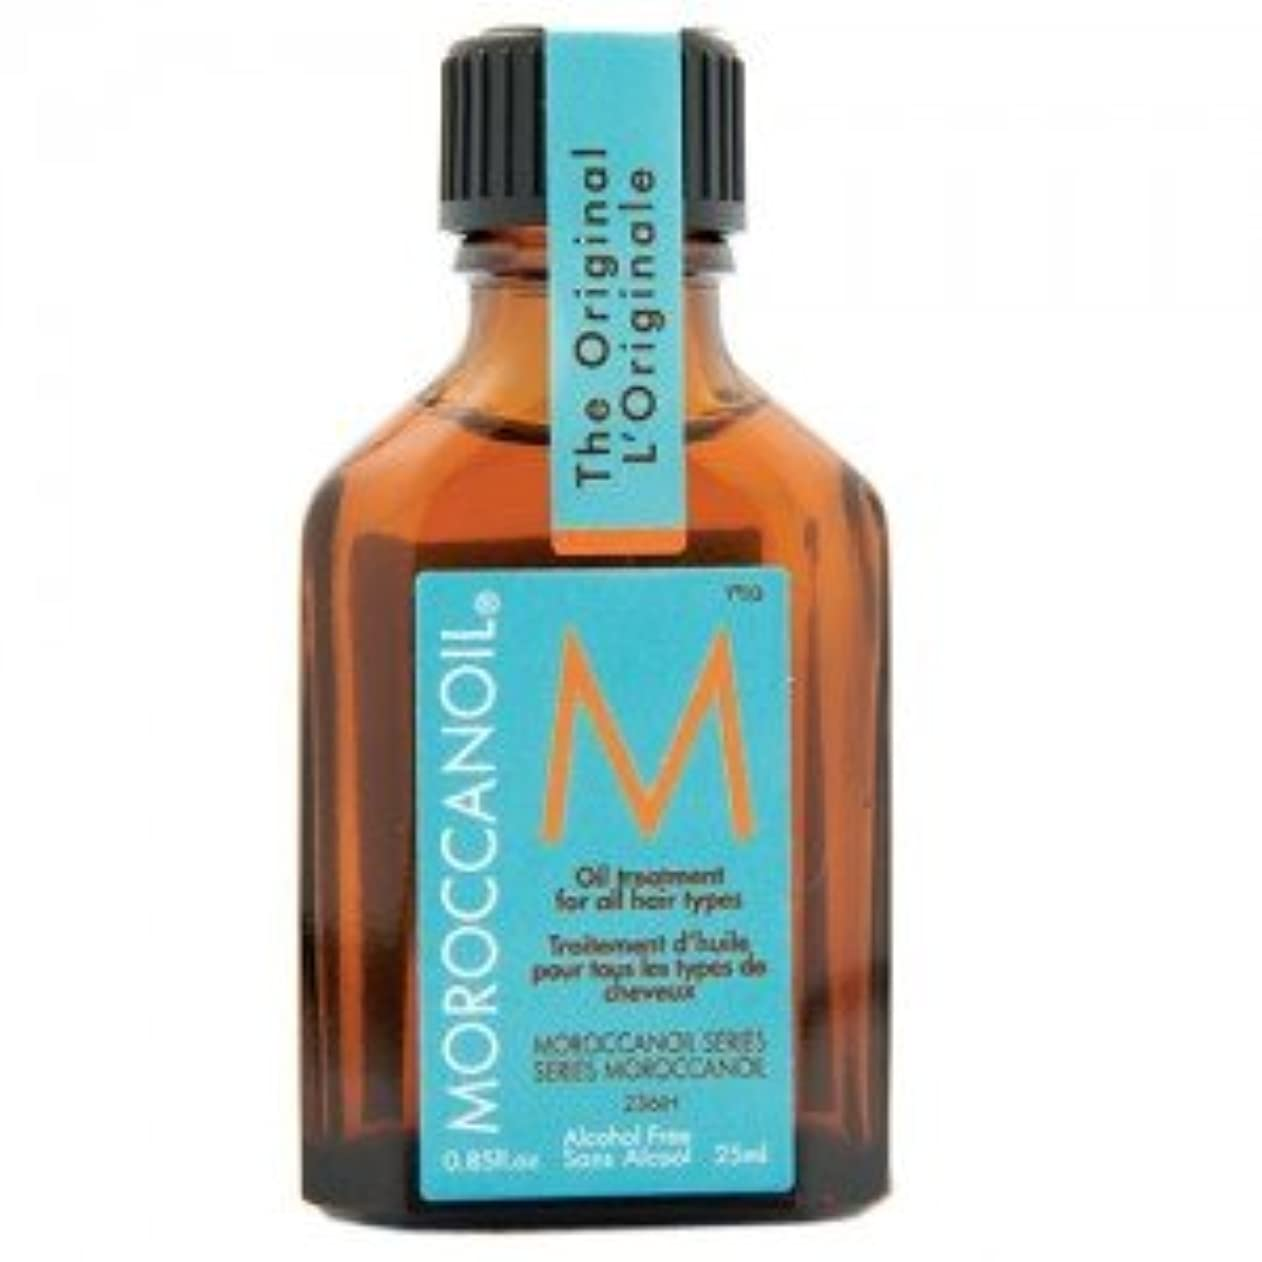 クレア暗黙南アメリカモロッカンオイル(MOROCCANOIL) モロッカンオイル 25ml[並行輸入品]